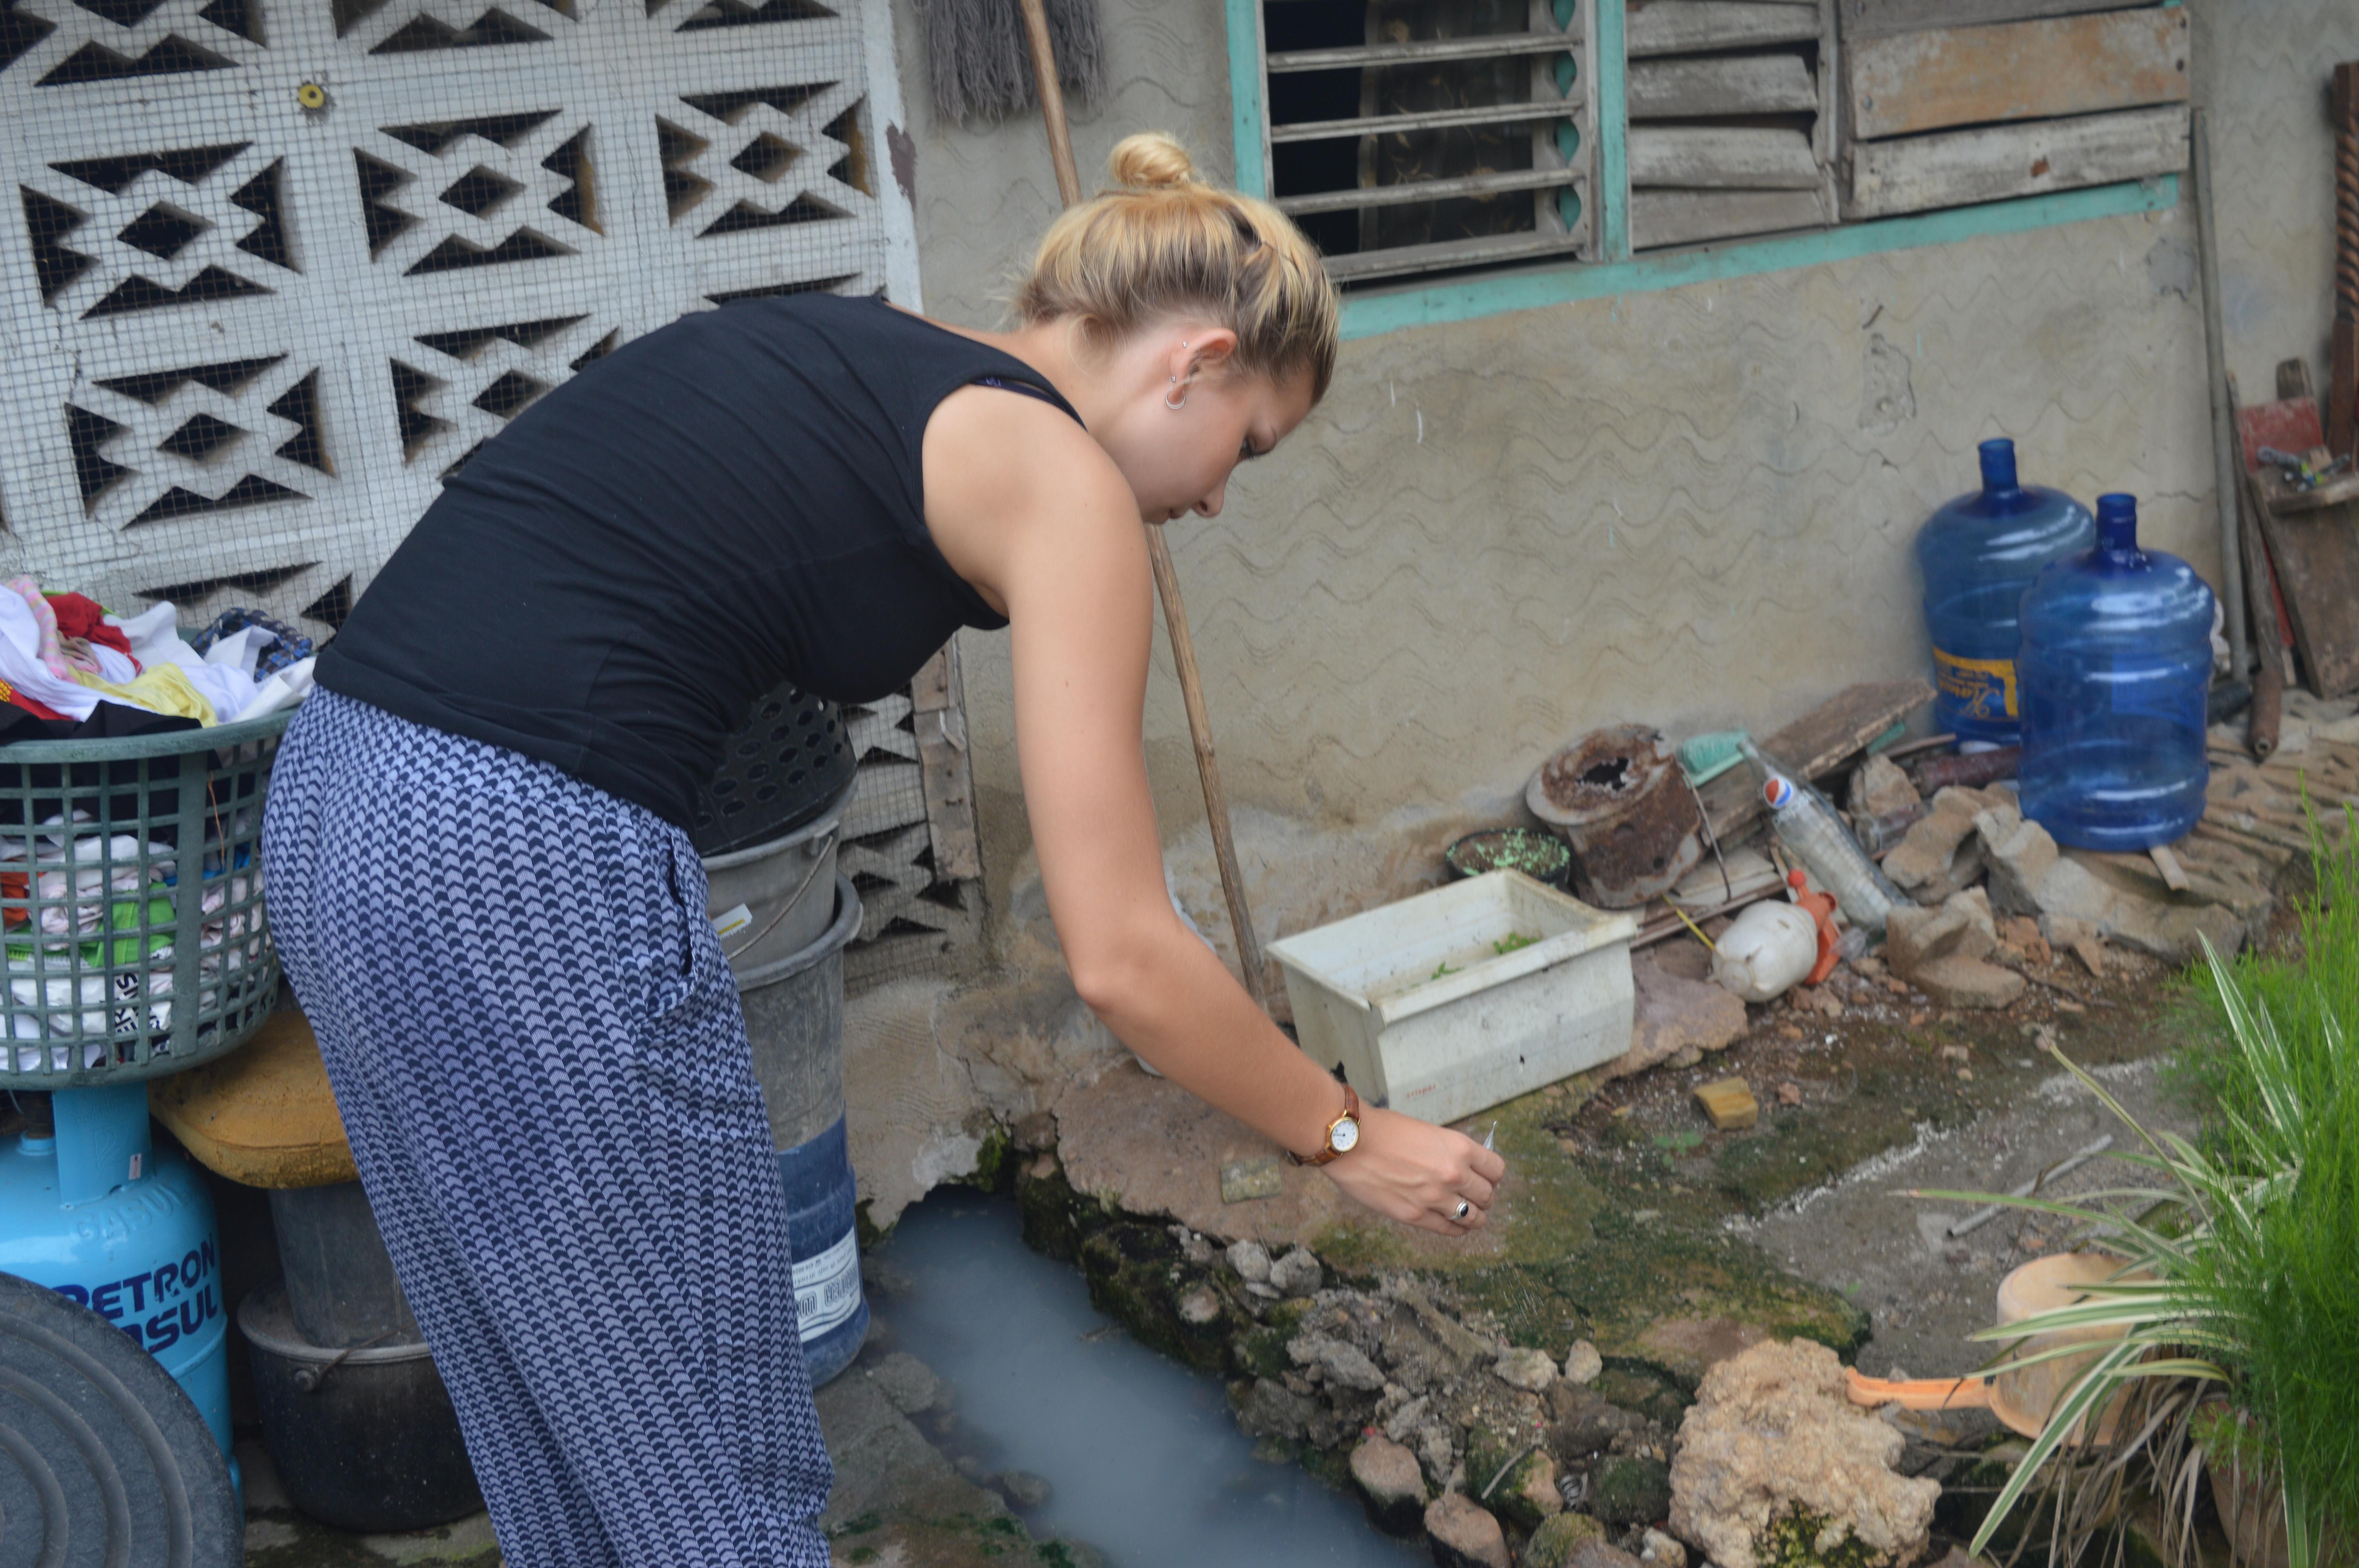 Volontari di Projects Abroad dimostra alle famiglie locali come usare il larvicida per prevenire la diffusione della dengue